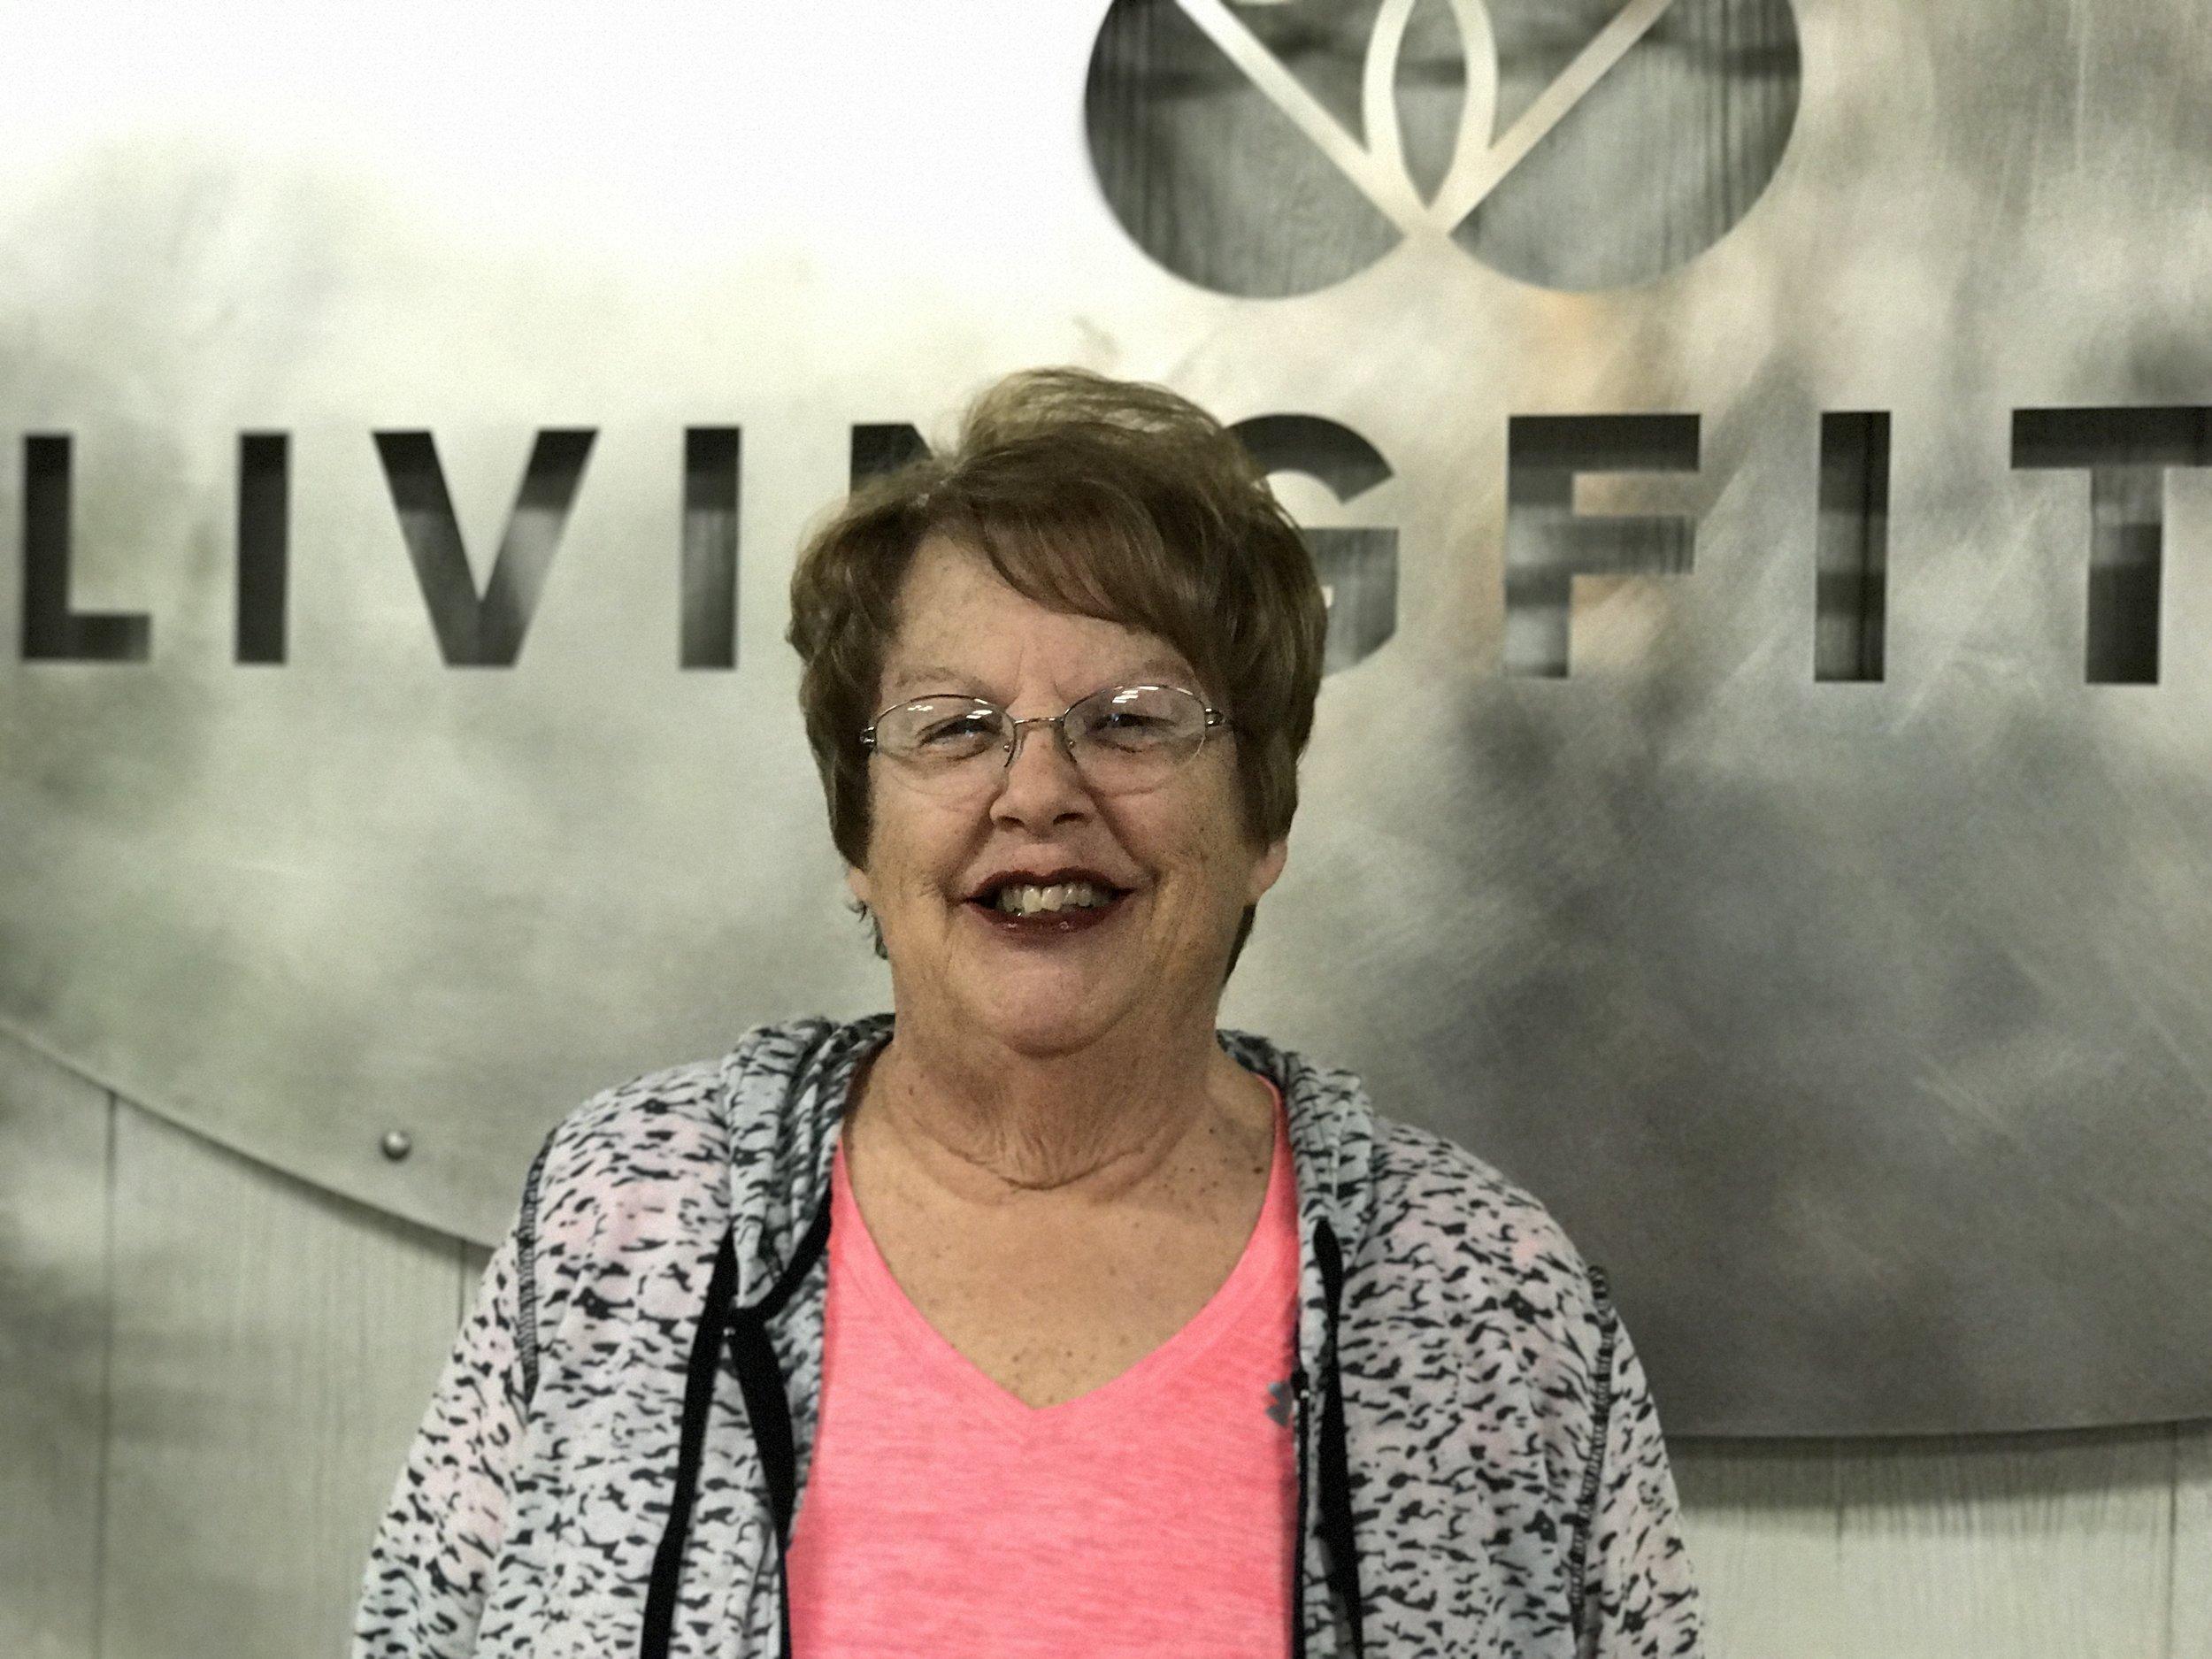 Carol N member since April 2015